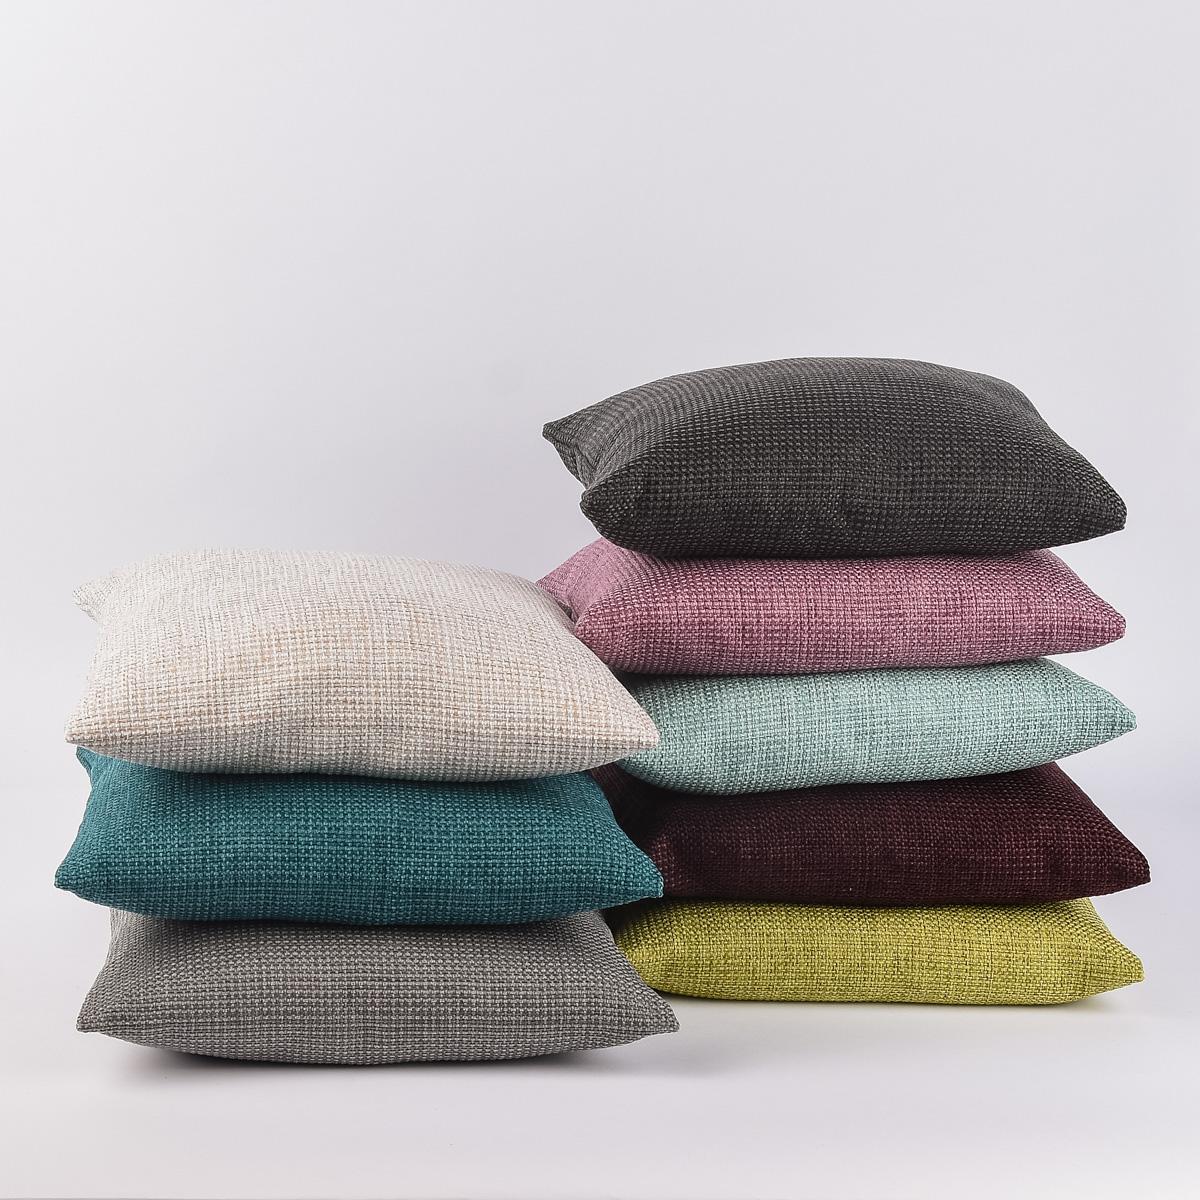 kissenh lle dallas t rkis 50x50cm wohntextilien kissen klassisch uni. Black Bedroom Furniture Sets. Home Design Ideas